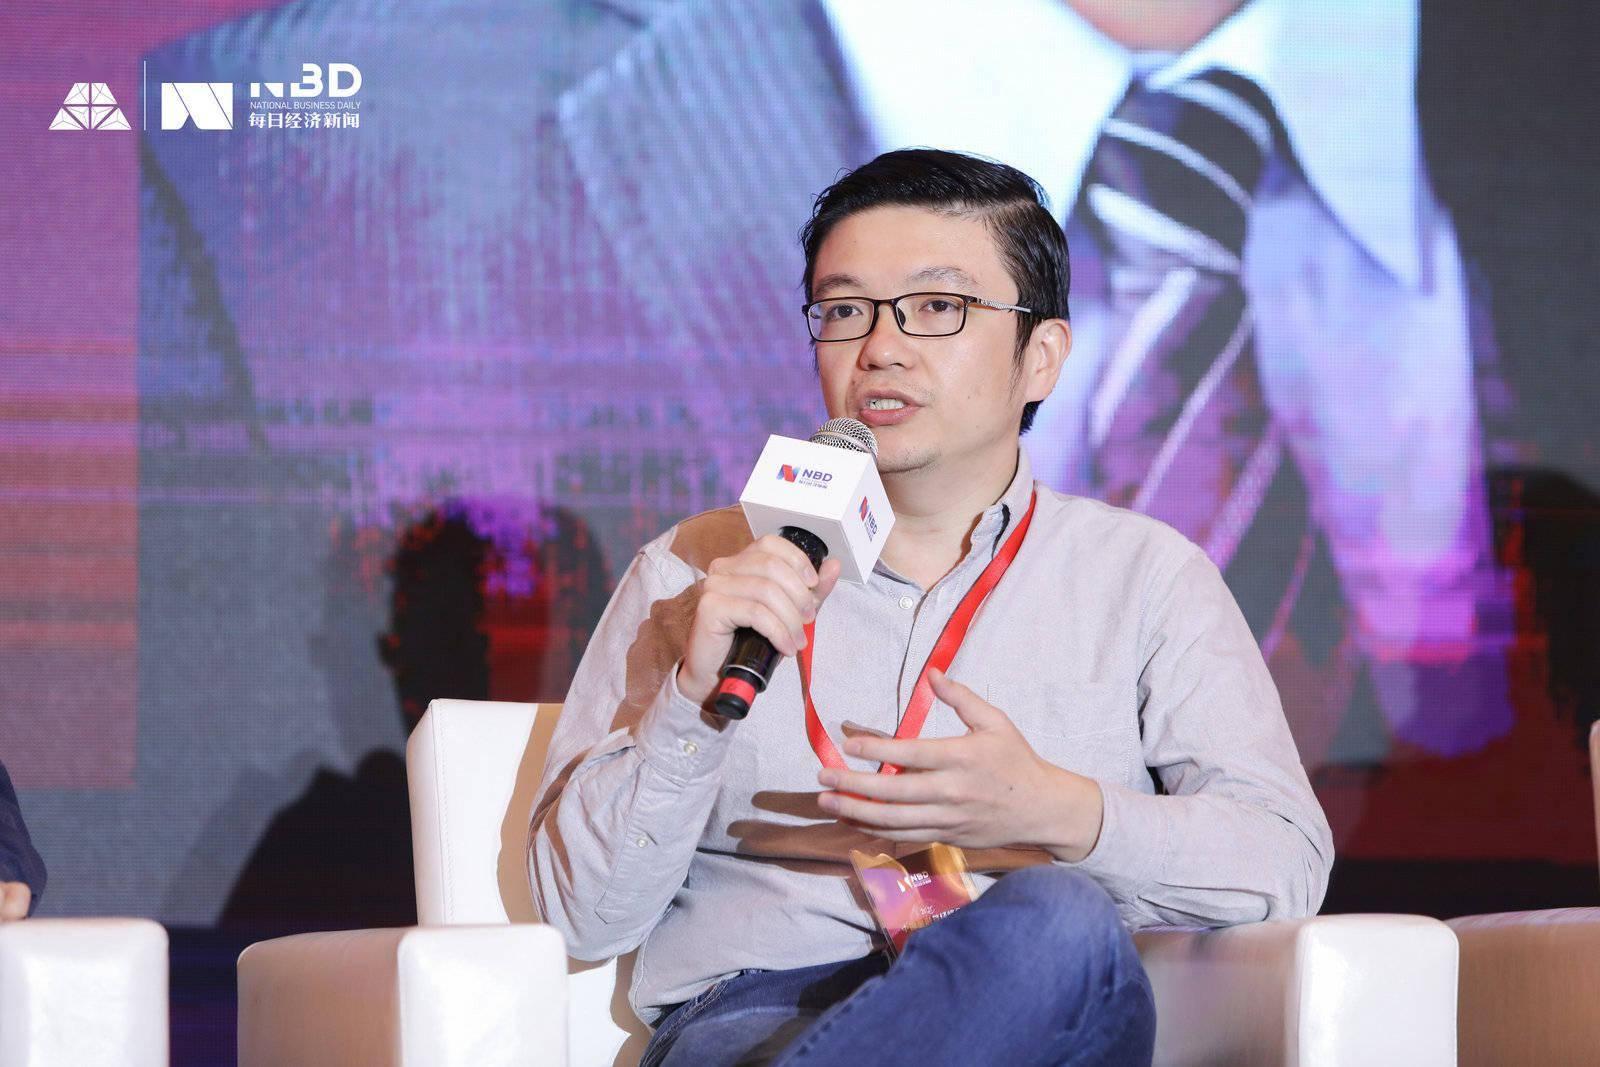 光速中国朱嘉:未来十年将是中国科技创新高速发展的重要十年     第1张